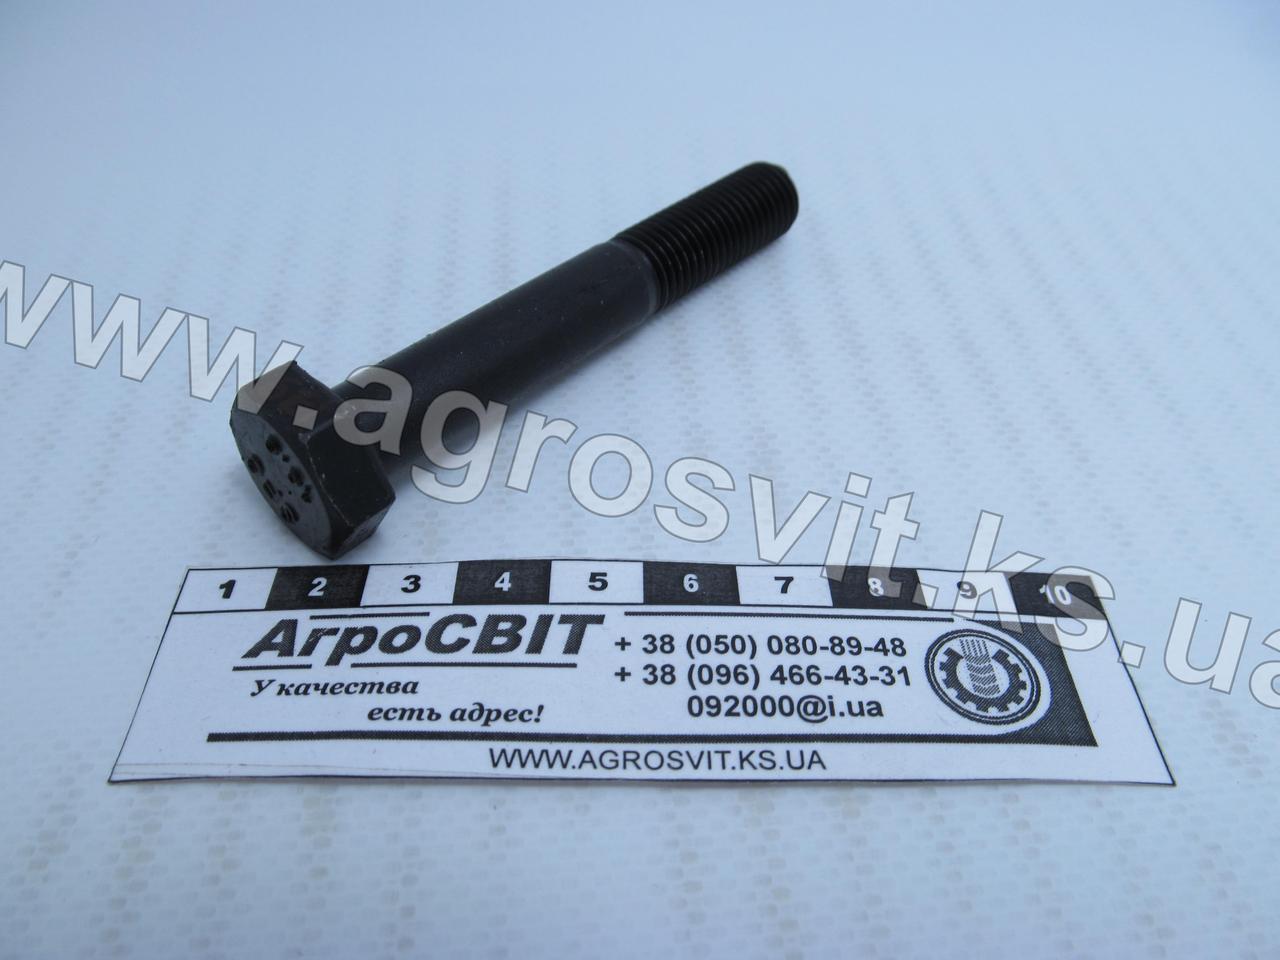 Болт М12х1,25х80; стандарт DIN 961, класс прочности 10.9